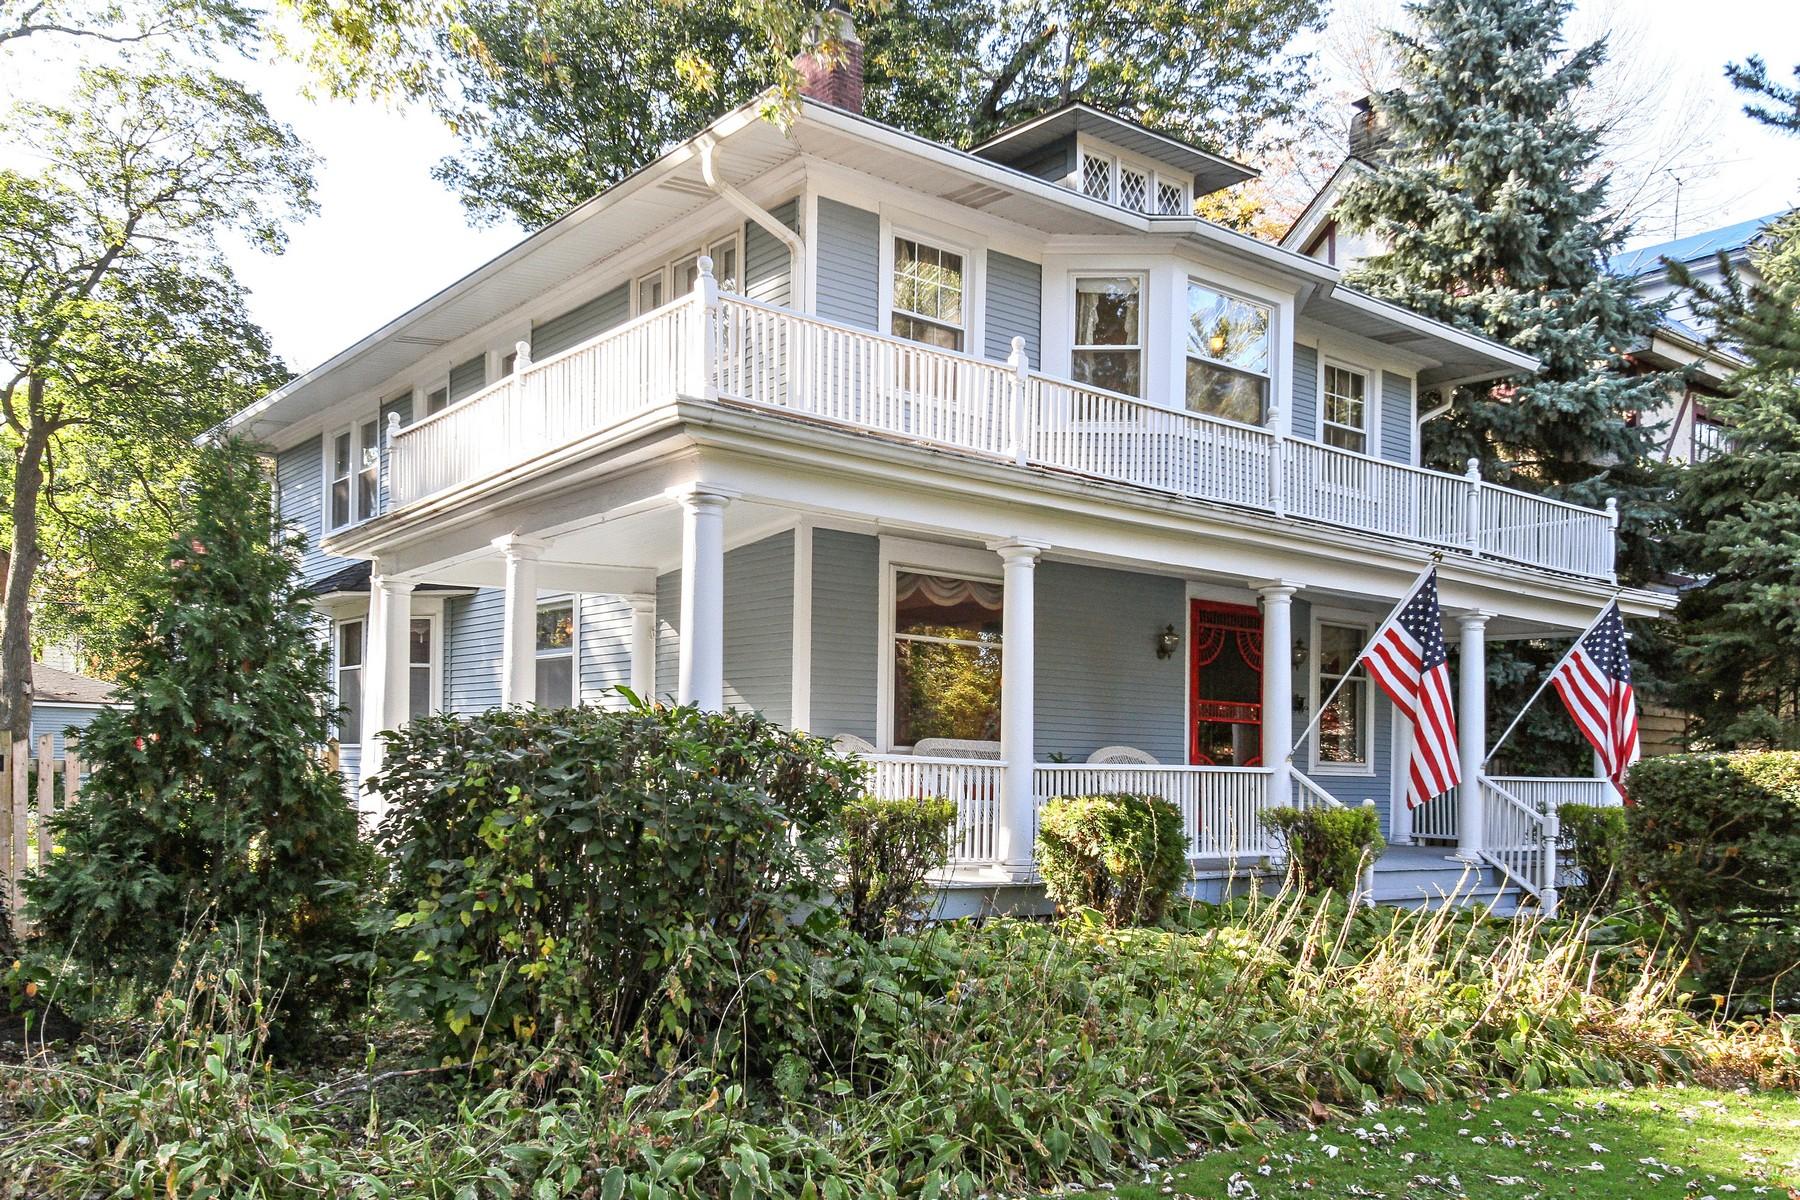 独户住宅 为 销售 在 Historic Masterpiece 9612 S Longwood Drive Beverly, 芝加哥, 伊利诺斯州 60643 美国